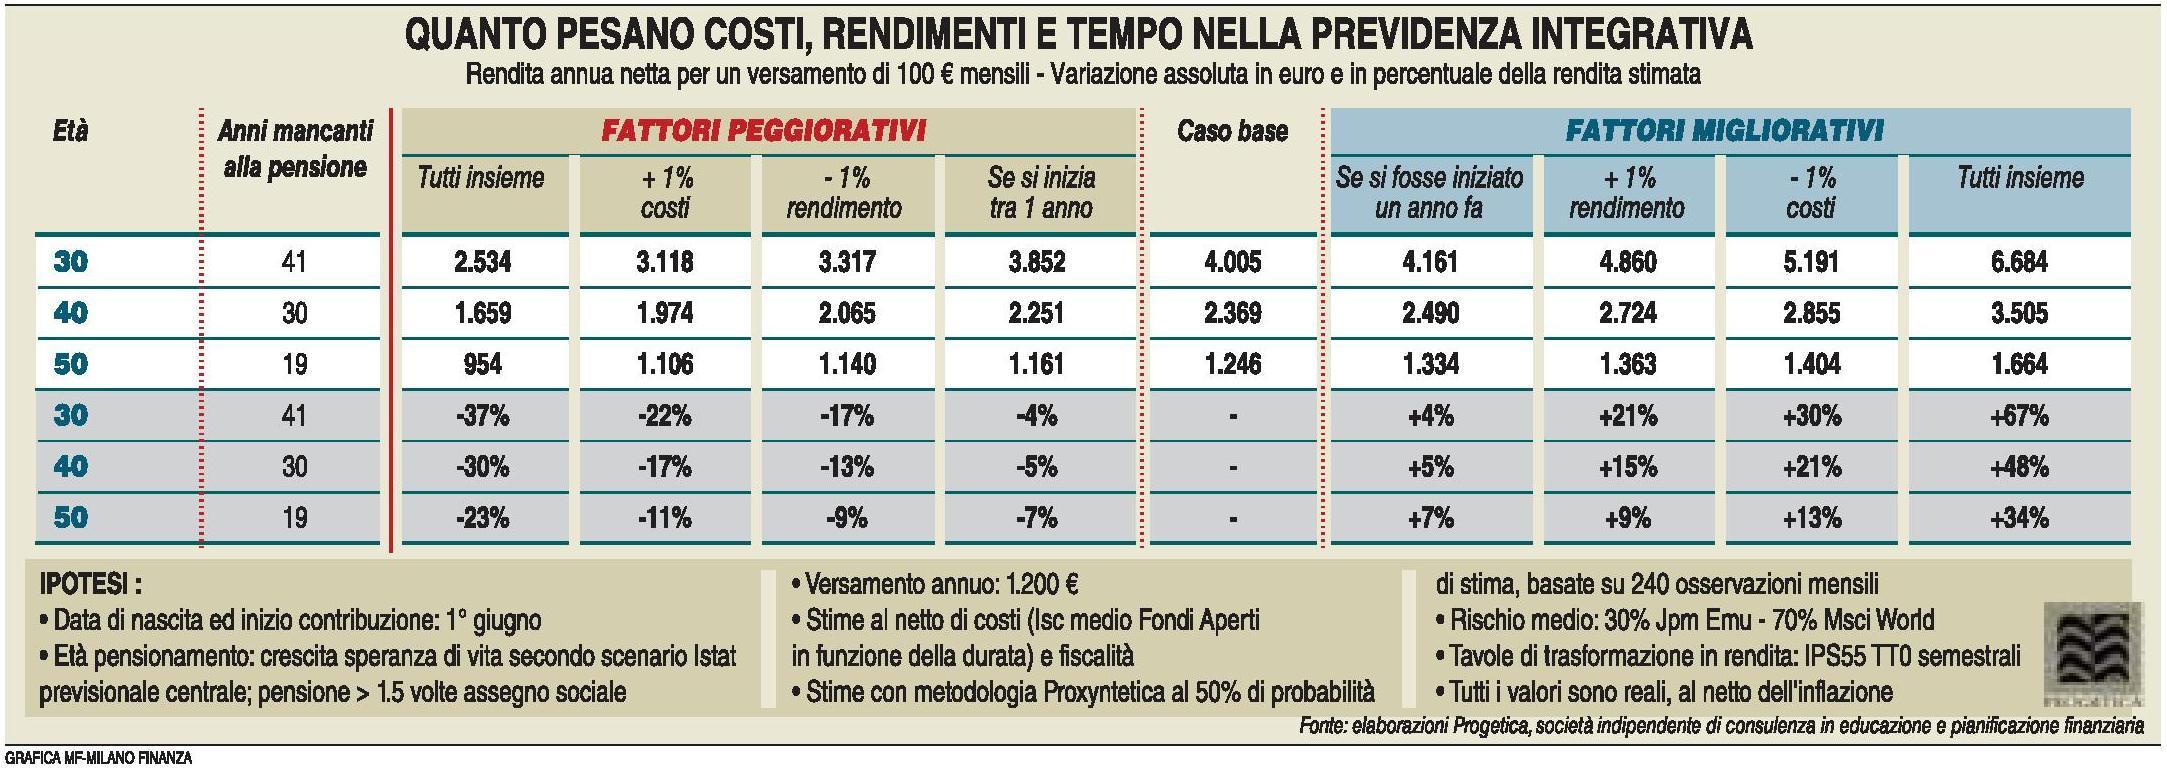 Previdenza complementare - Costi, rendimenti, tempo (MF Milano Finanza 17.06.2017) Imc